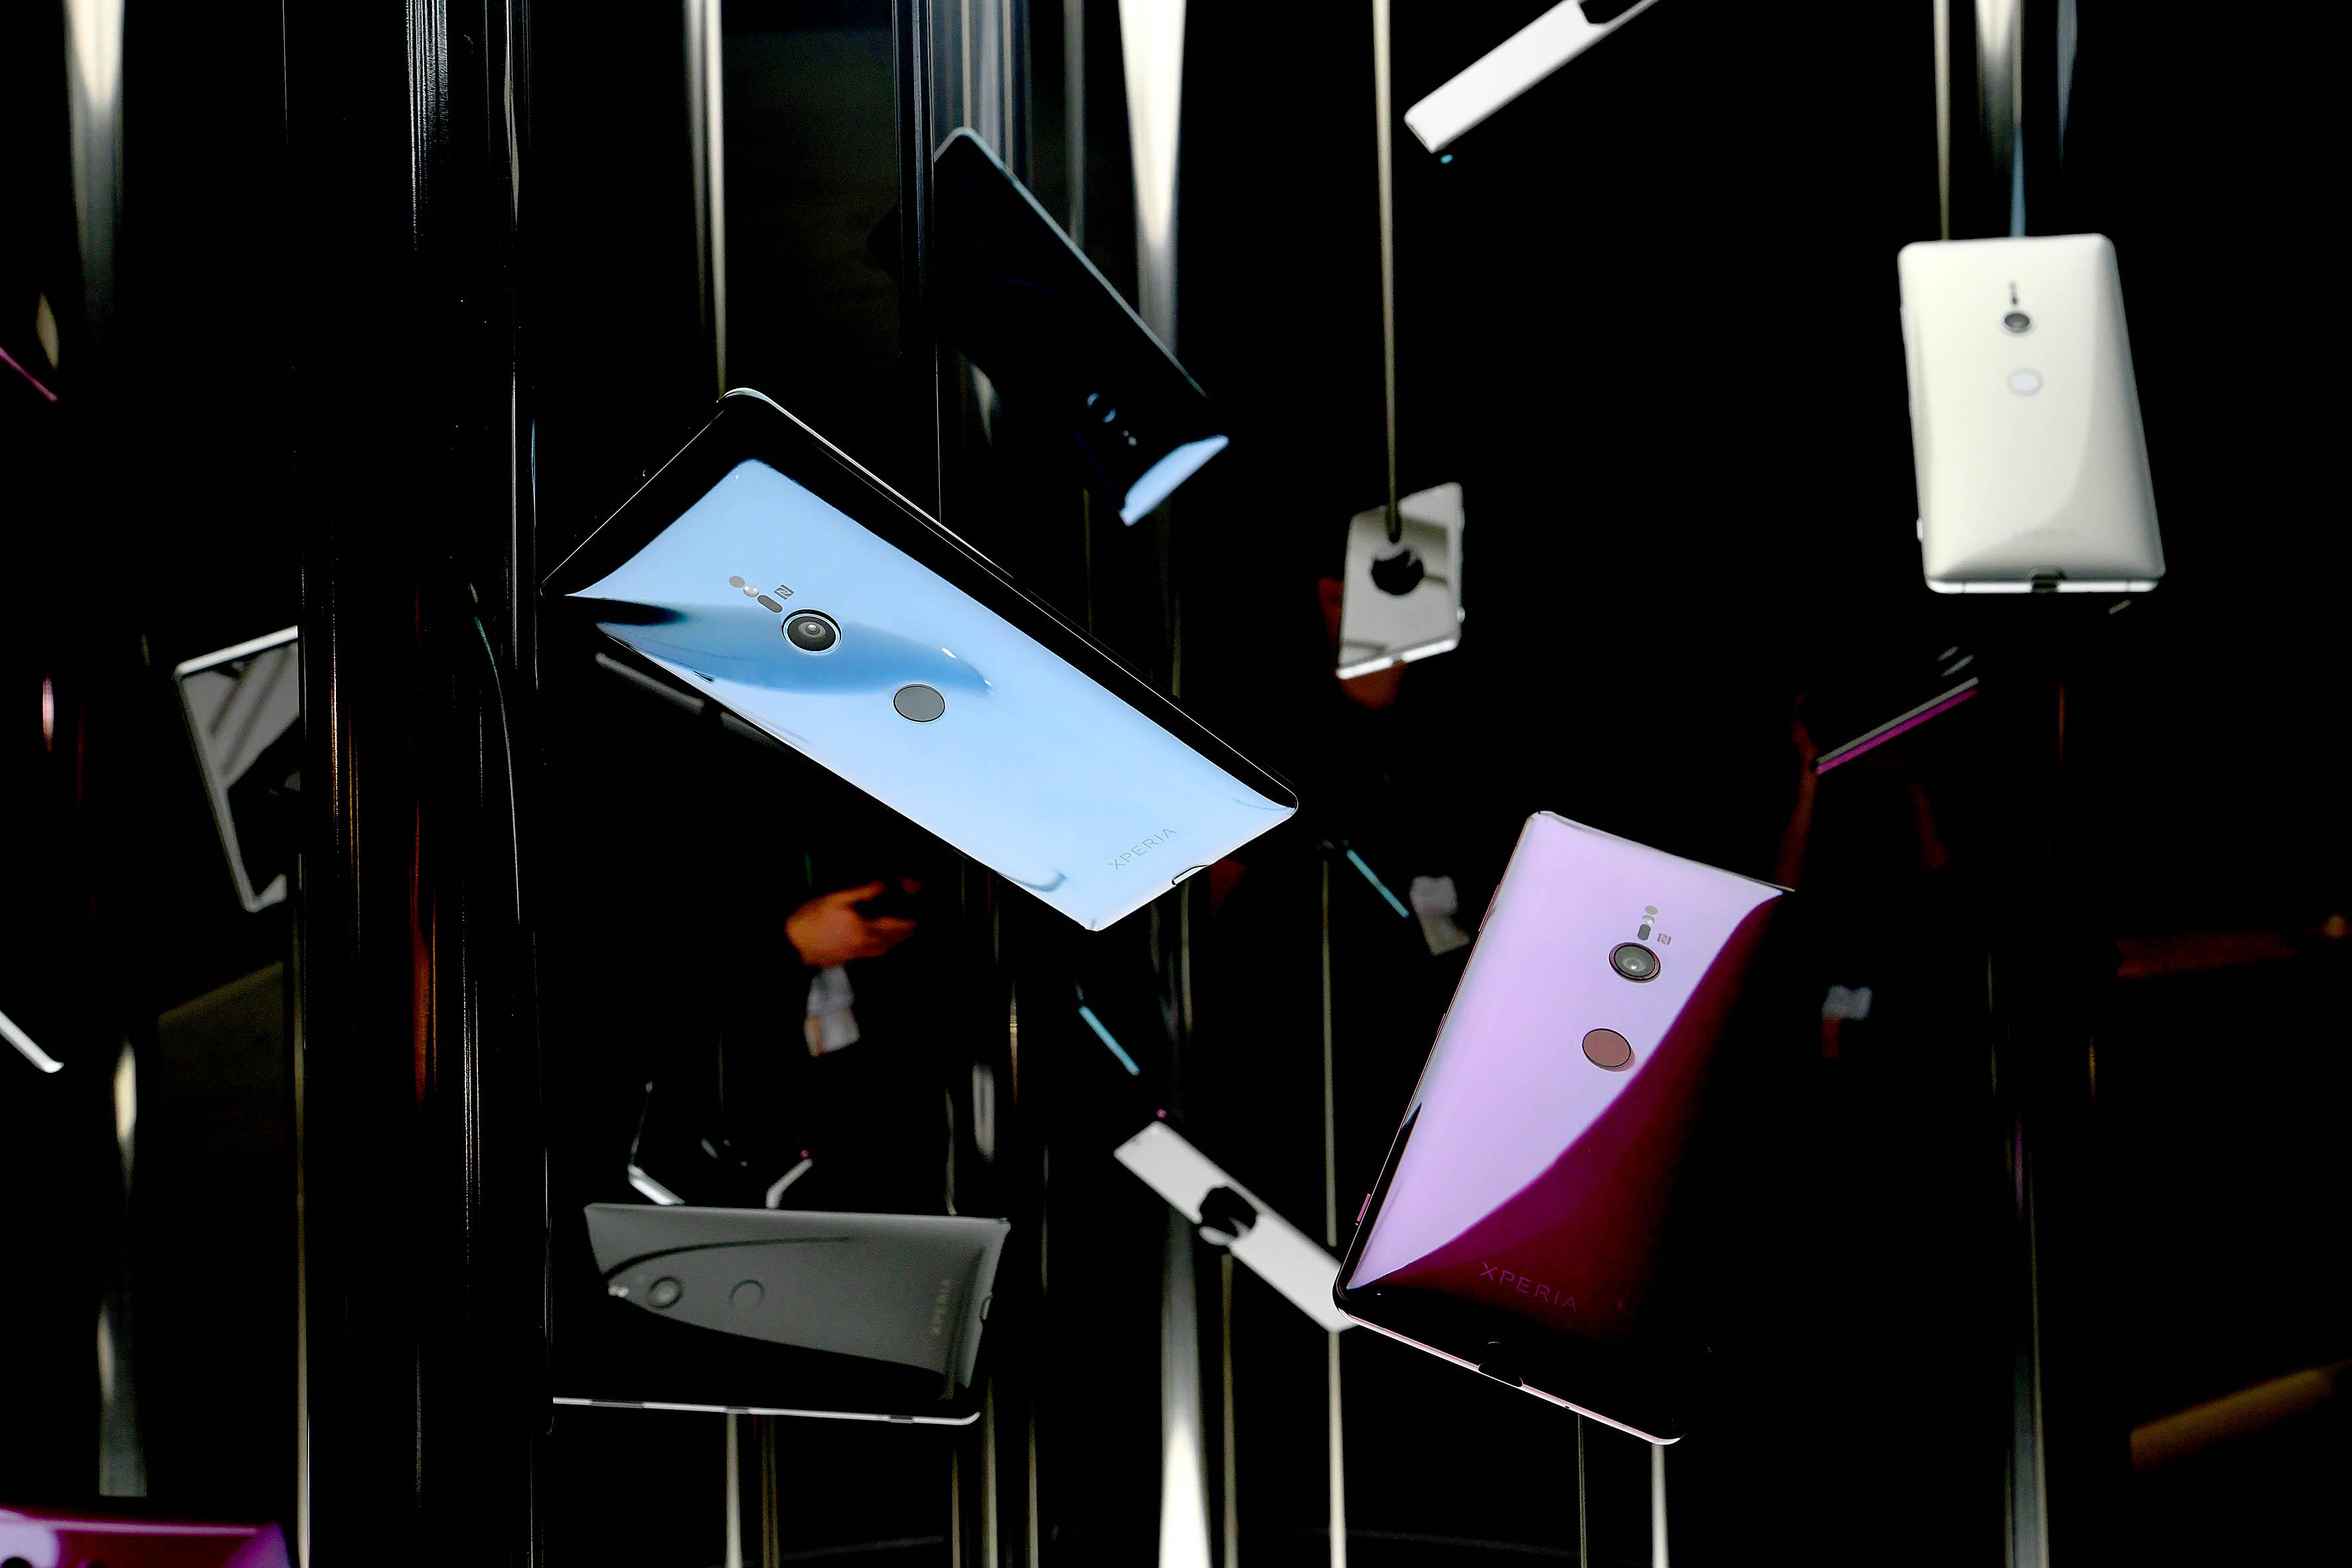 Foto: Michael B. Rehders Die neuesten Smartphones baumeln von der Decke.